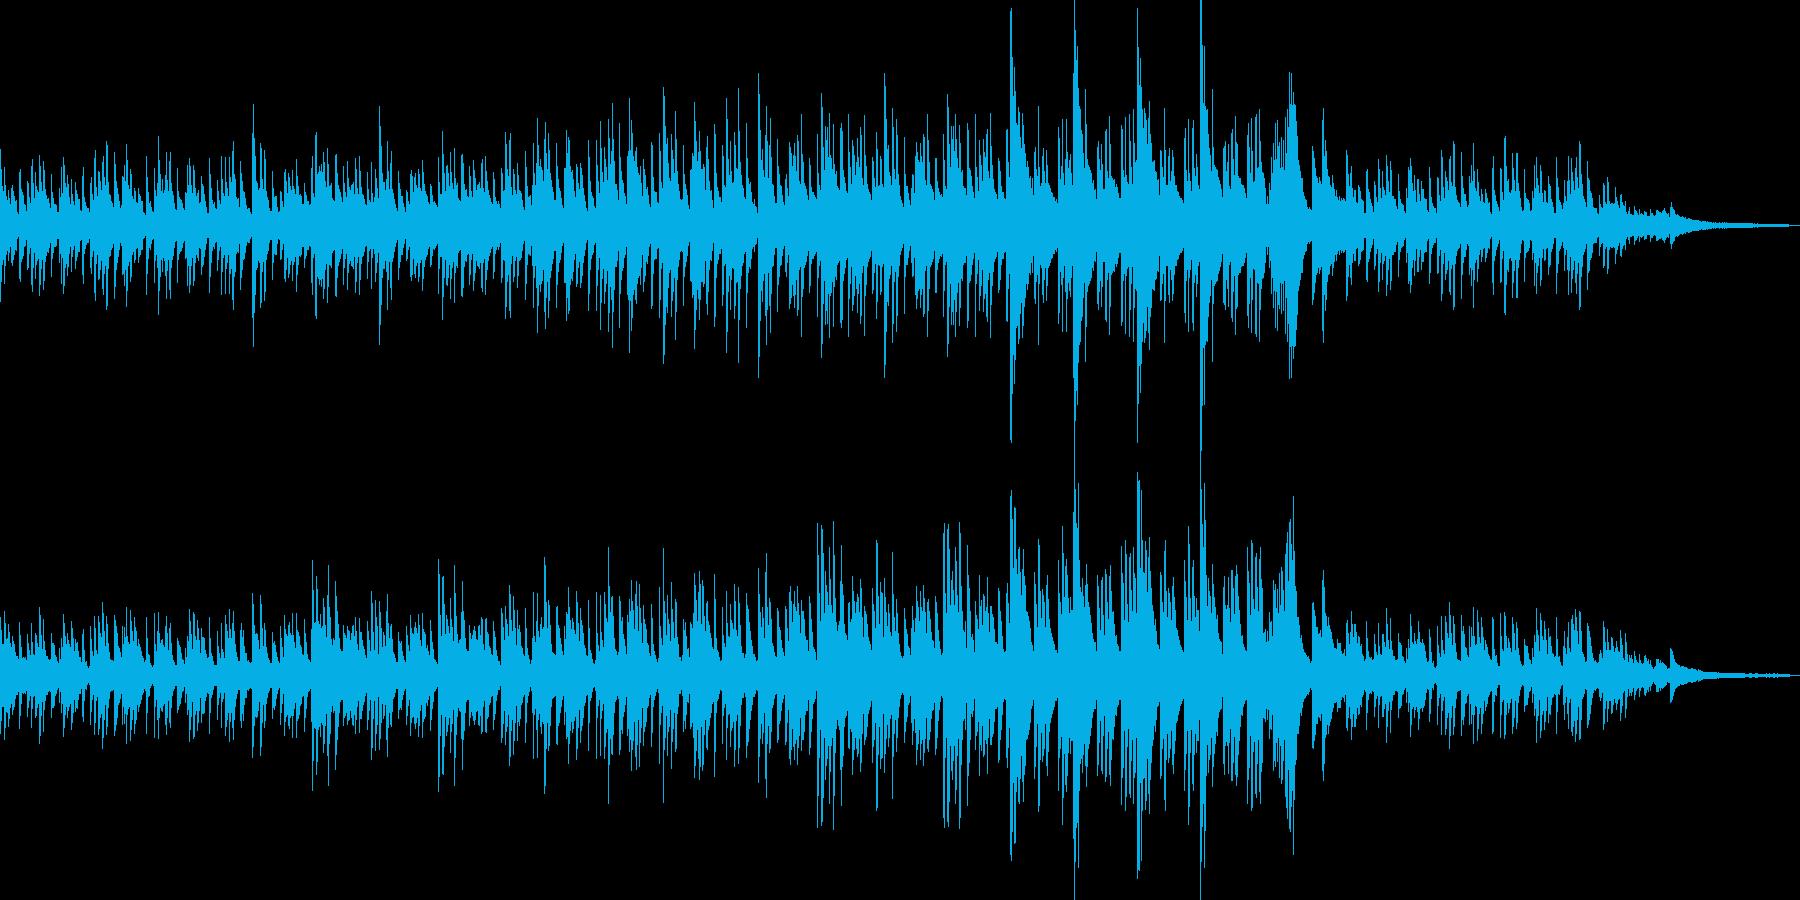 透明感のあるピアノソロBGM_02の再生済みの波形